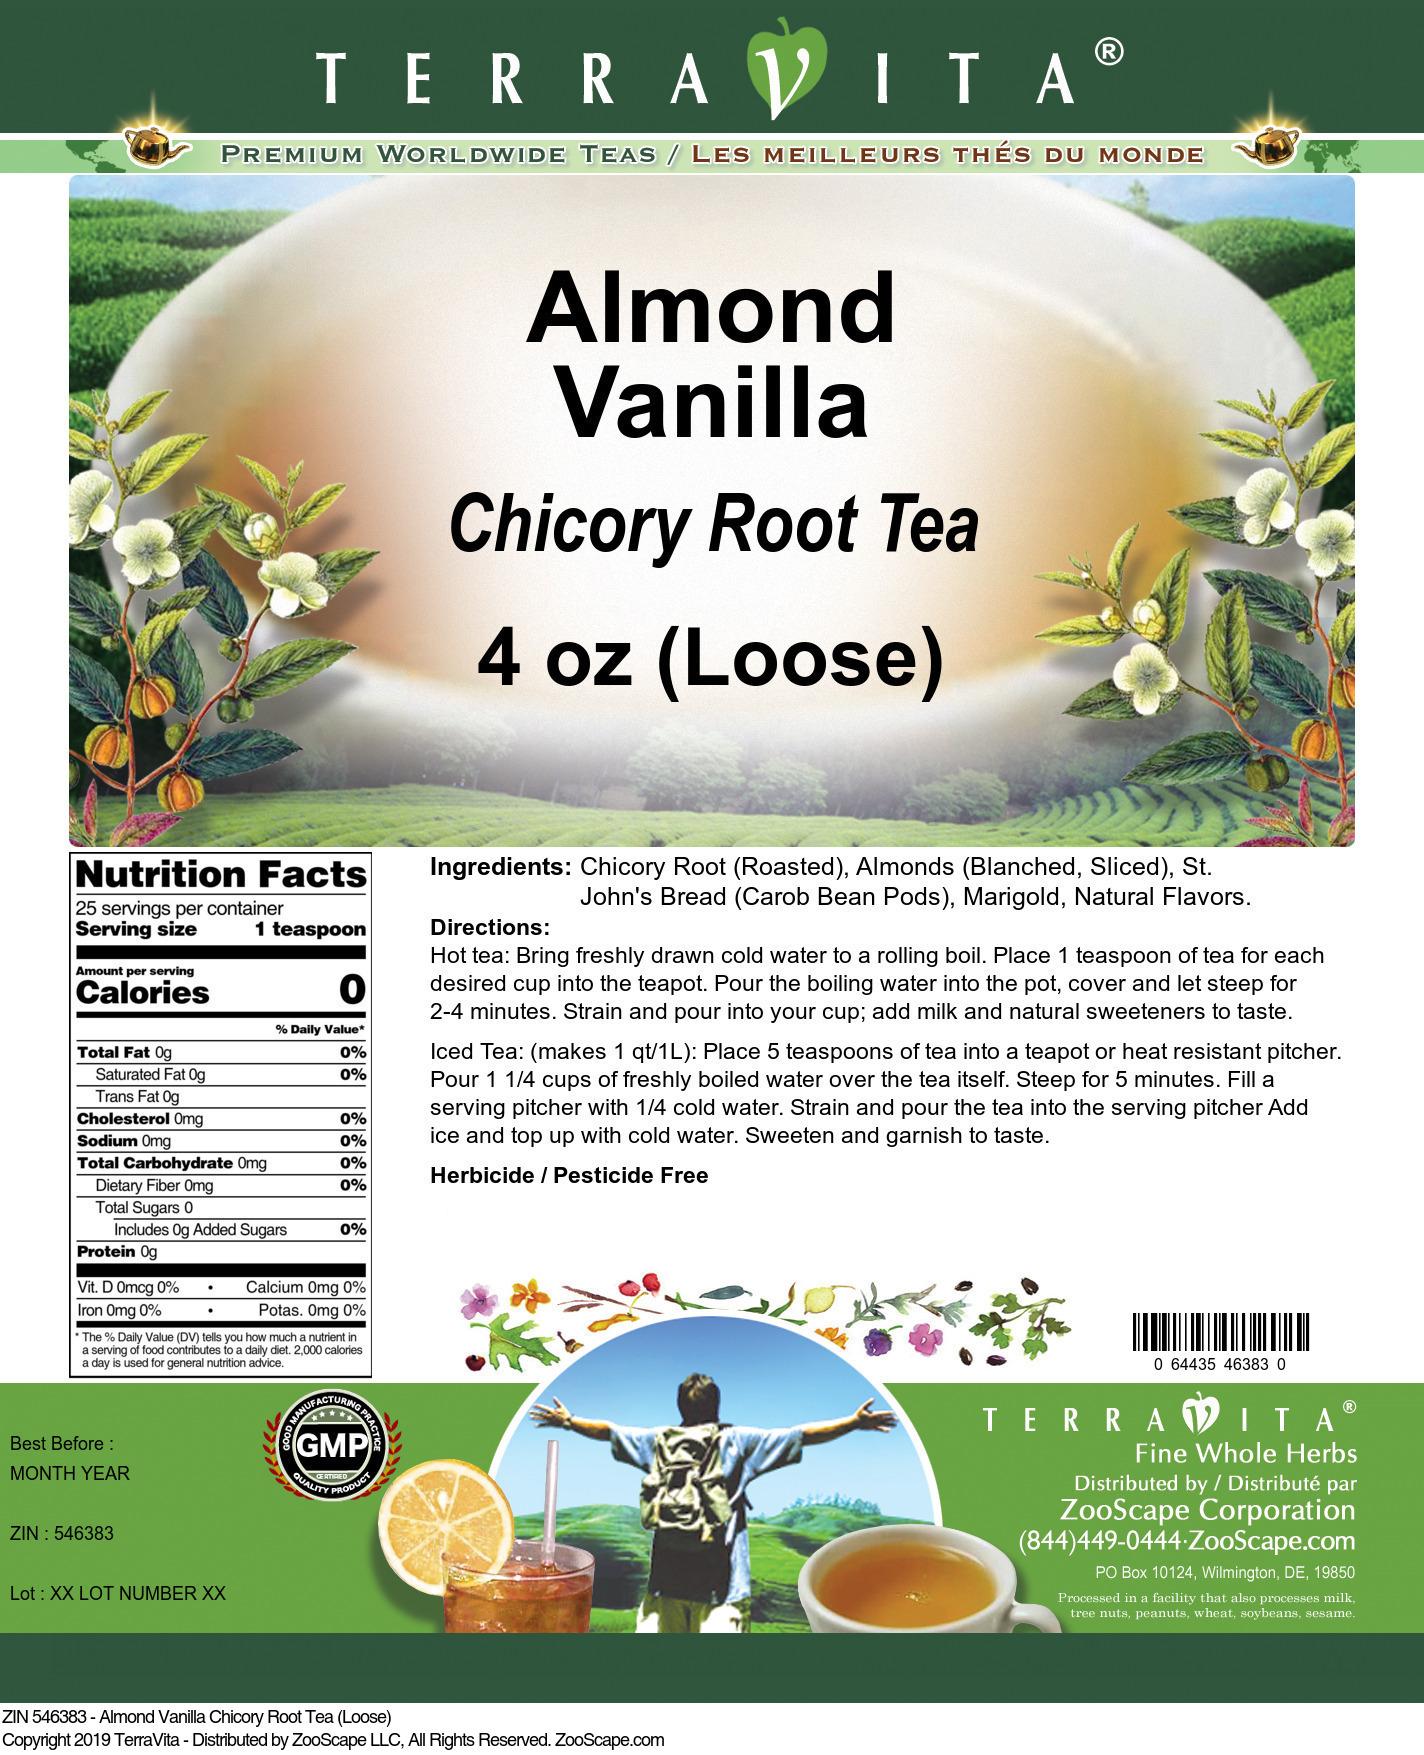 Almond Vanilla Chicory Root Tea (Loose)